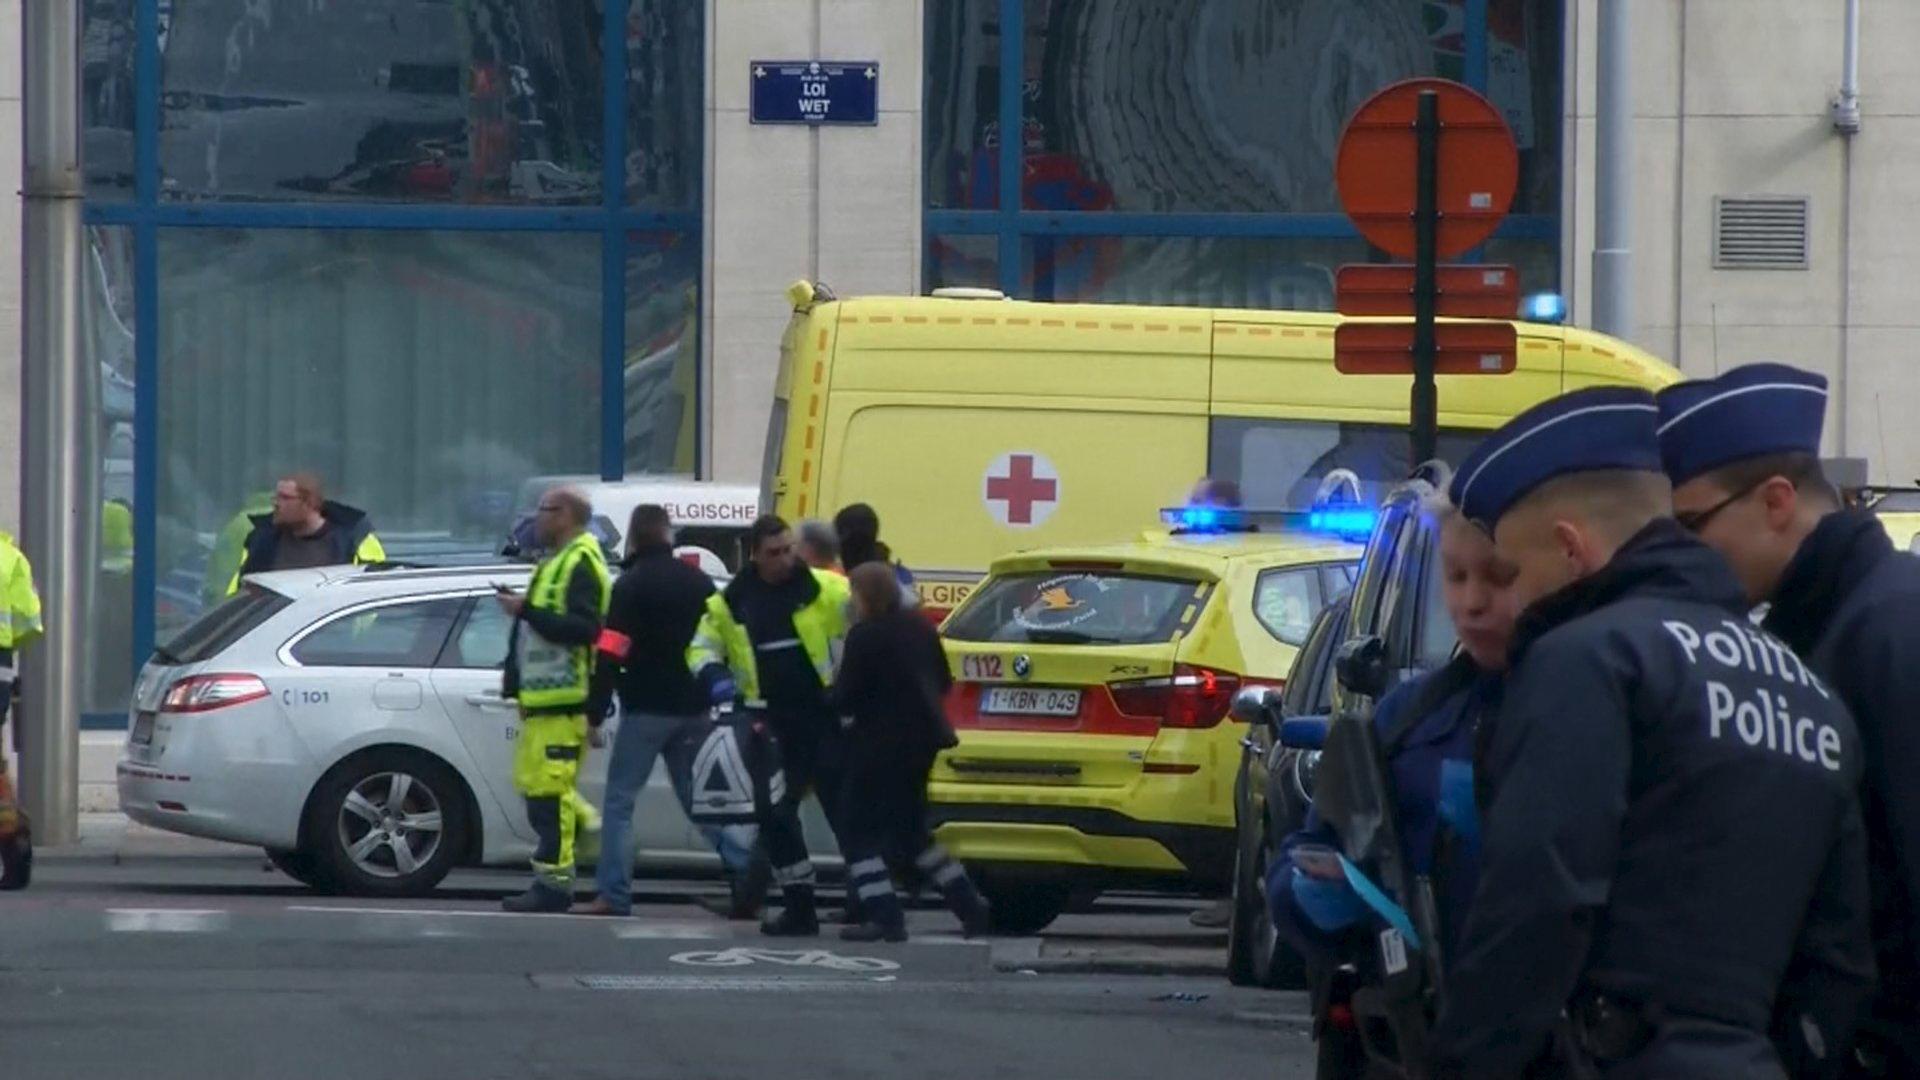 عاجل. مصرع مغربية ثانية في اعتداءات بروكسل وفقدان ثلاثة آخرين